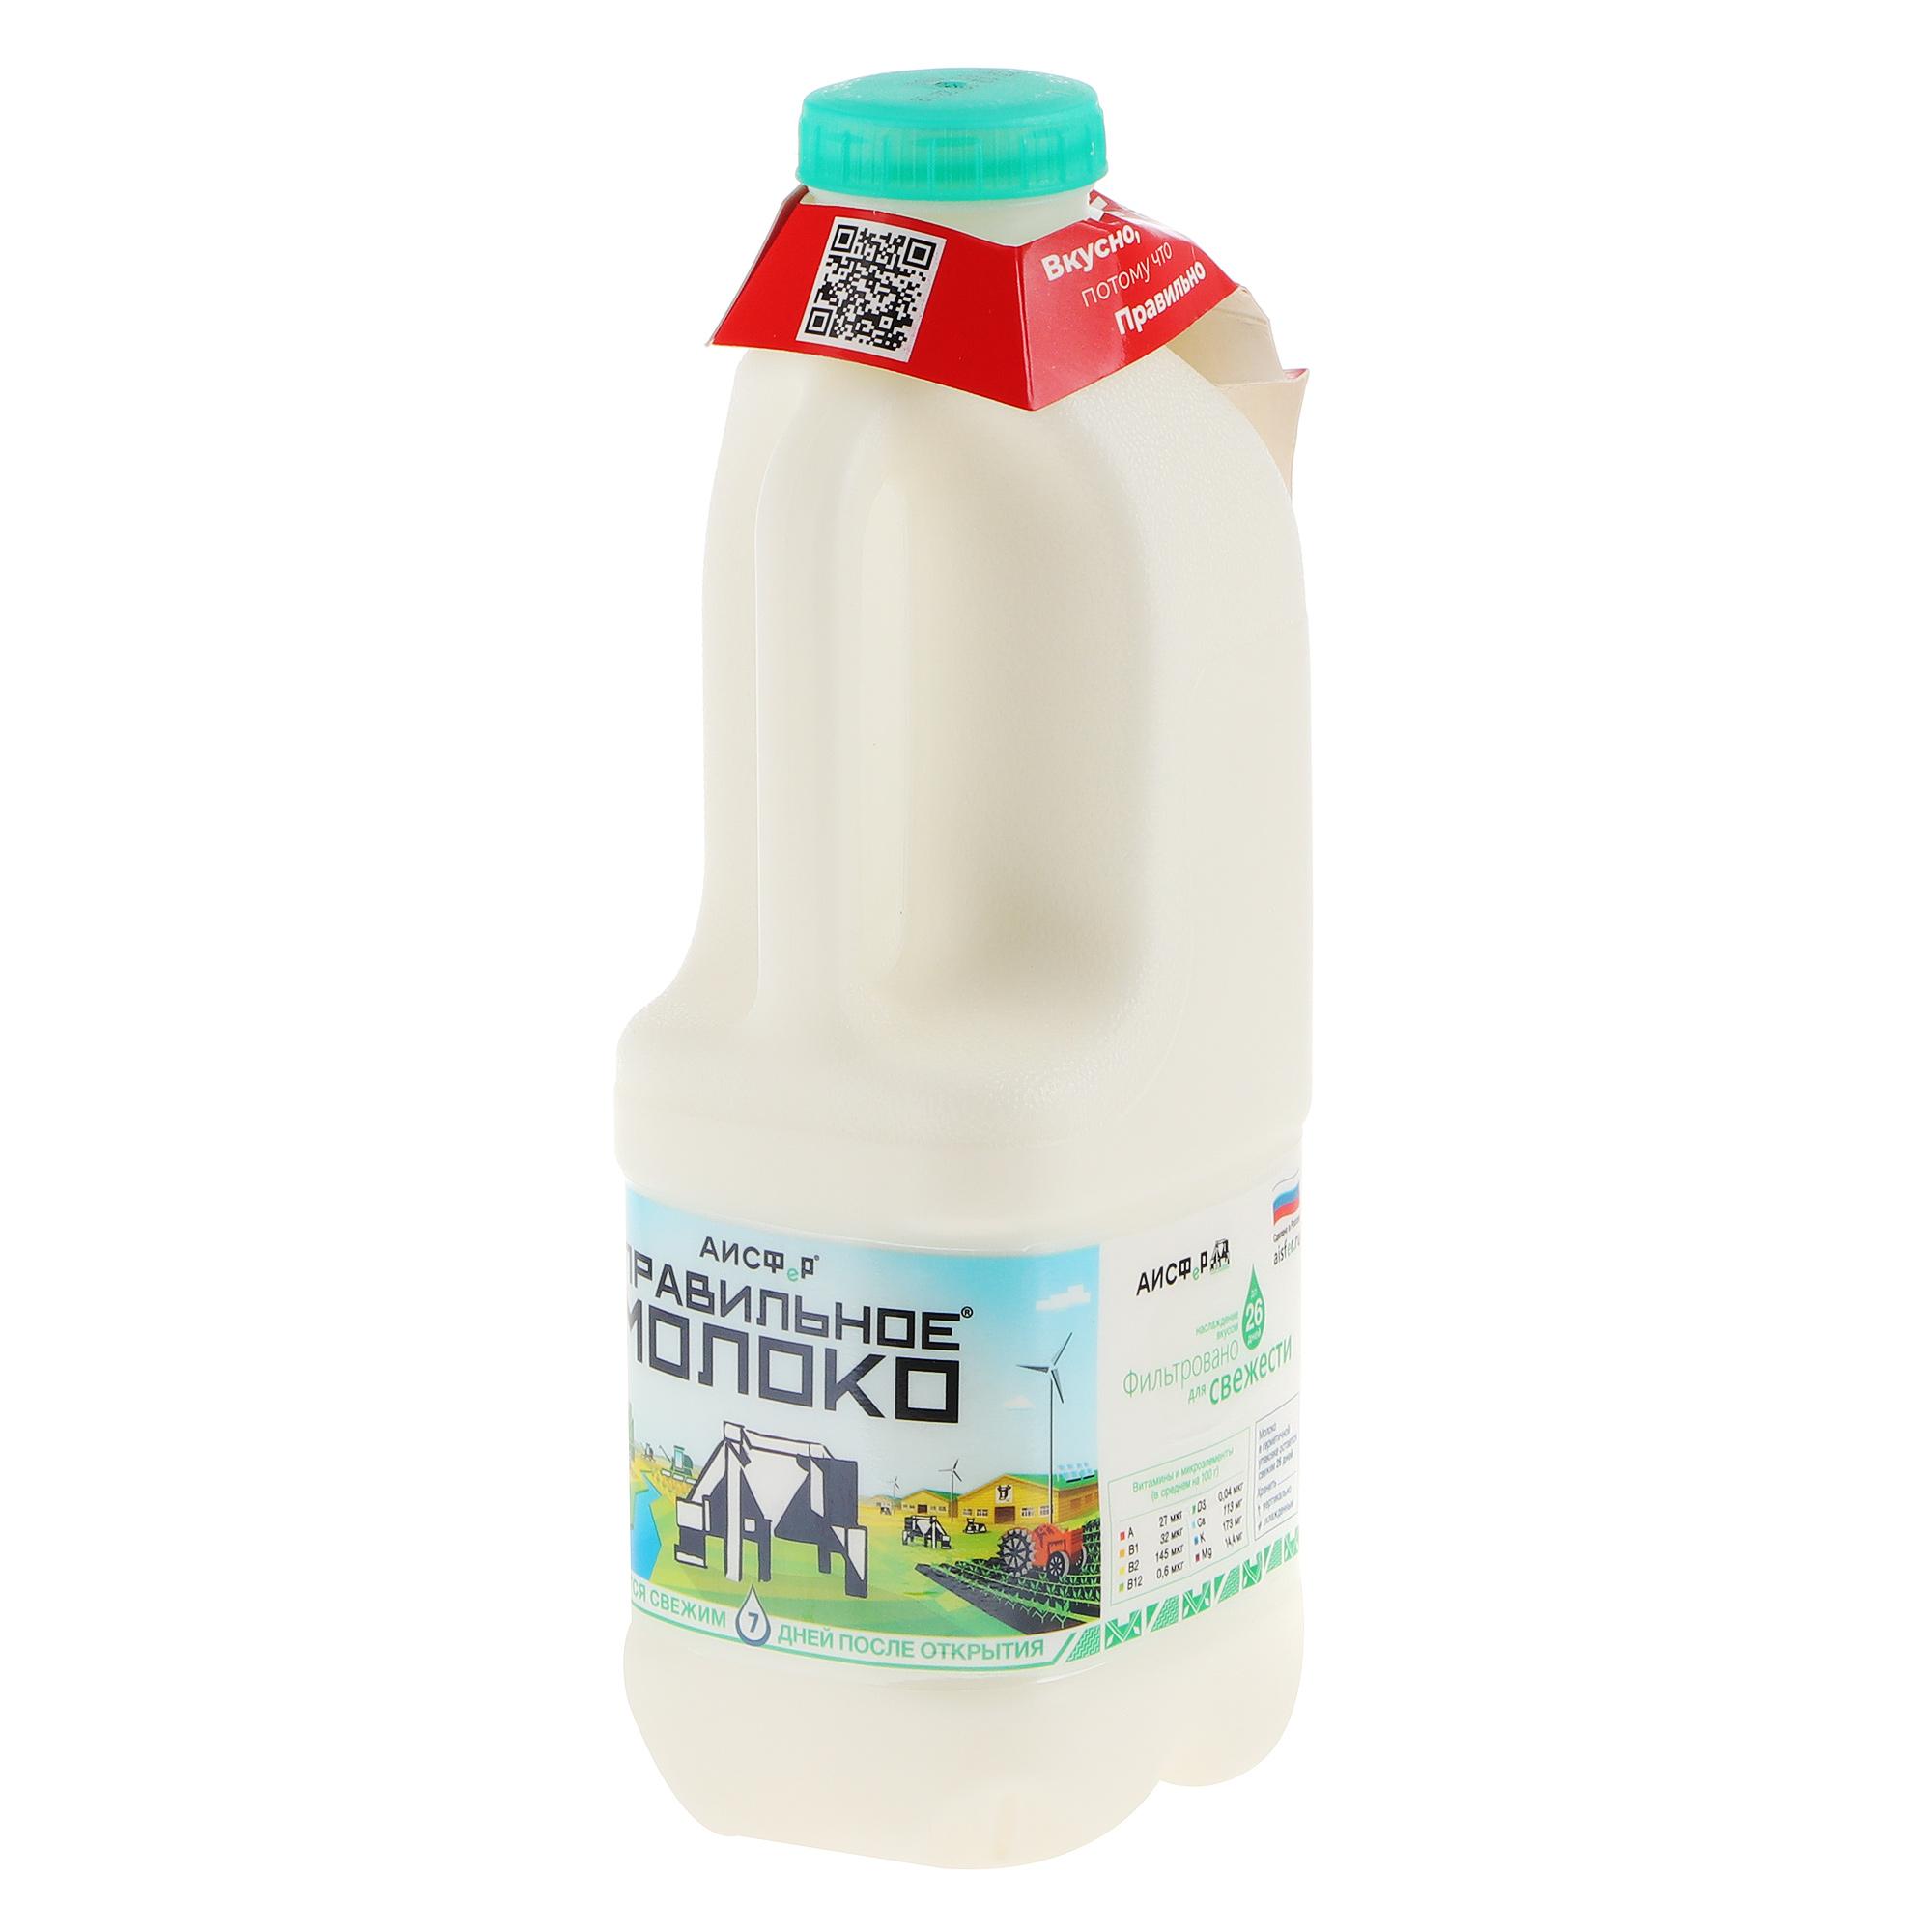 Молоко пастеризованное Правильное молоко 2,5% 0,9 л фото